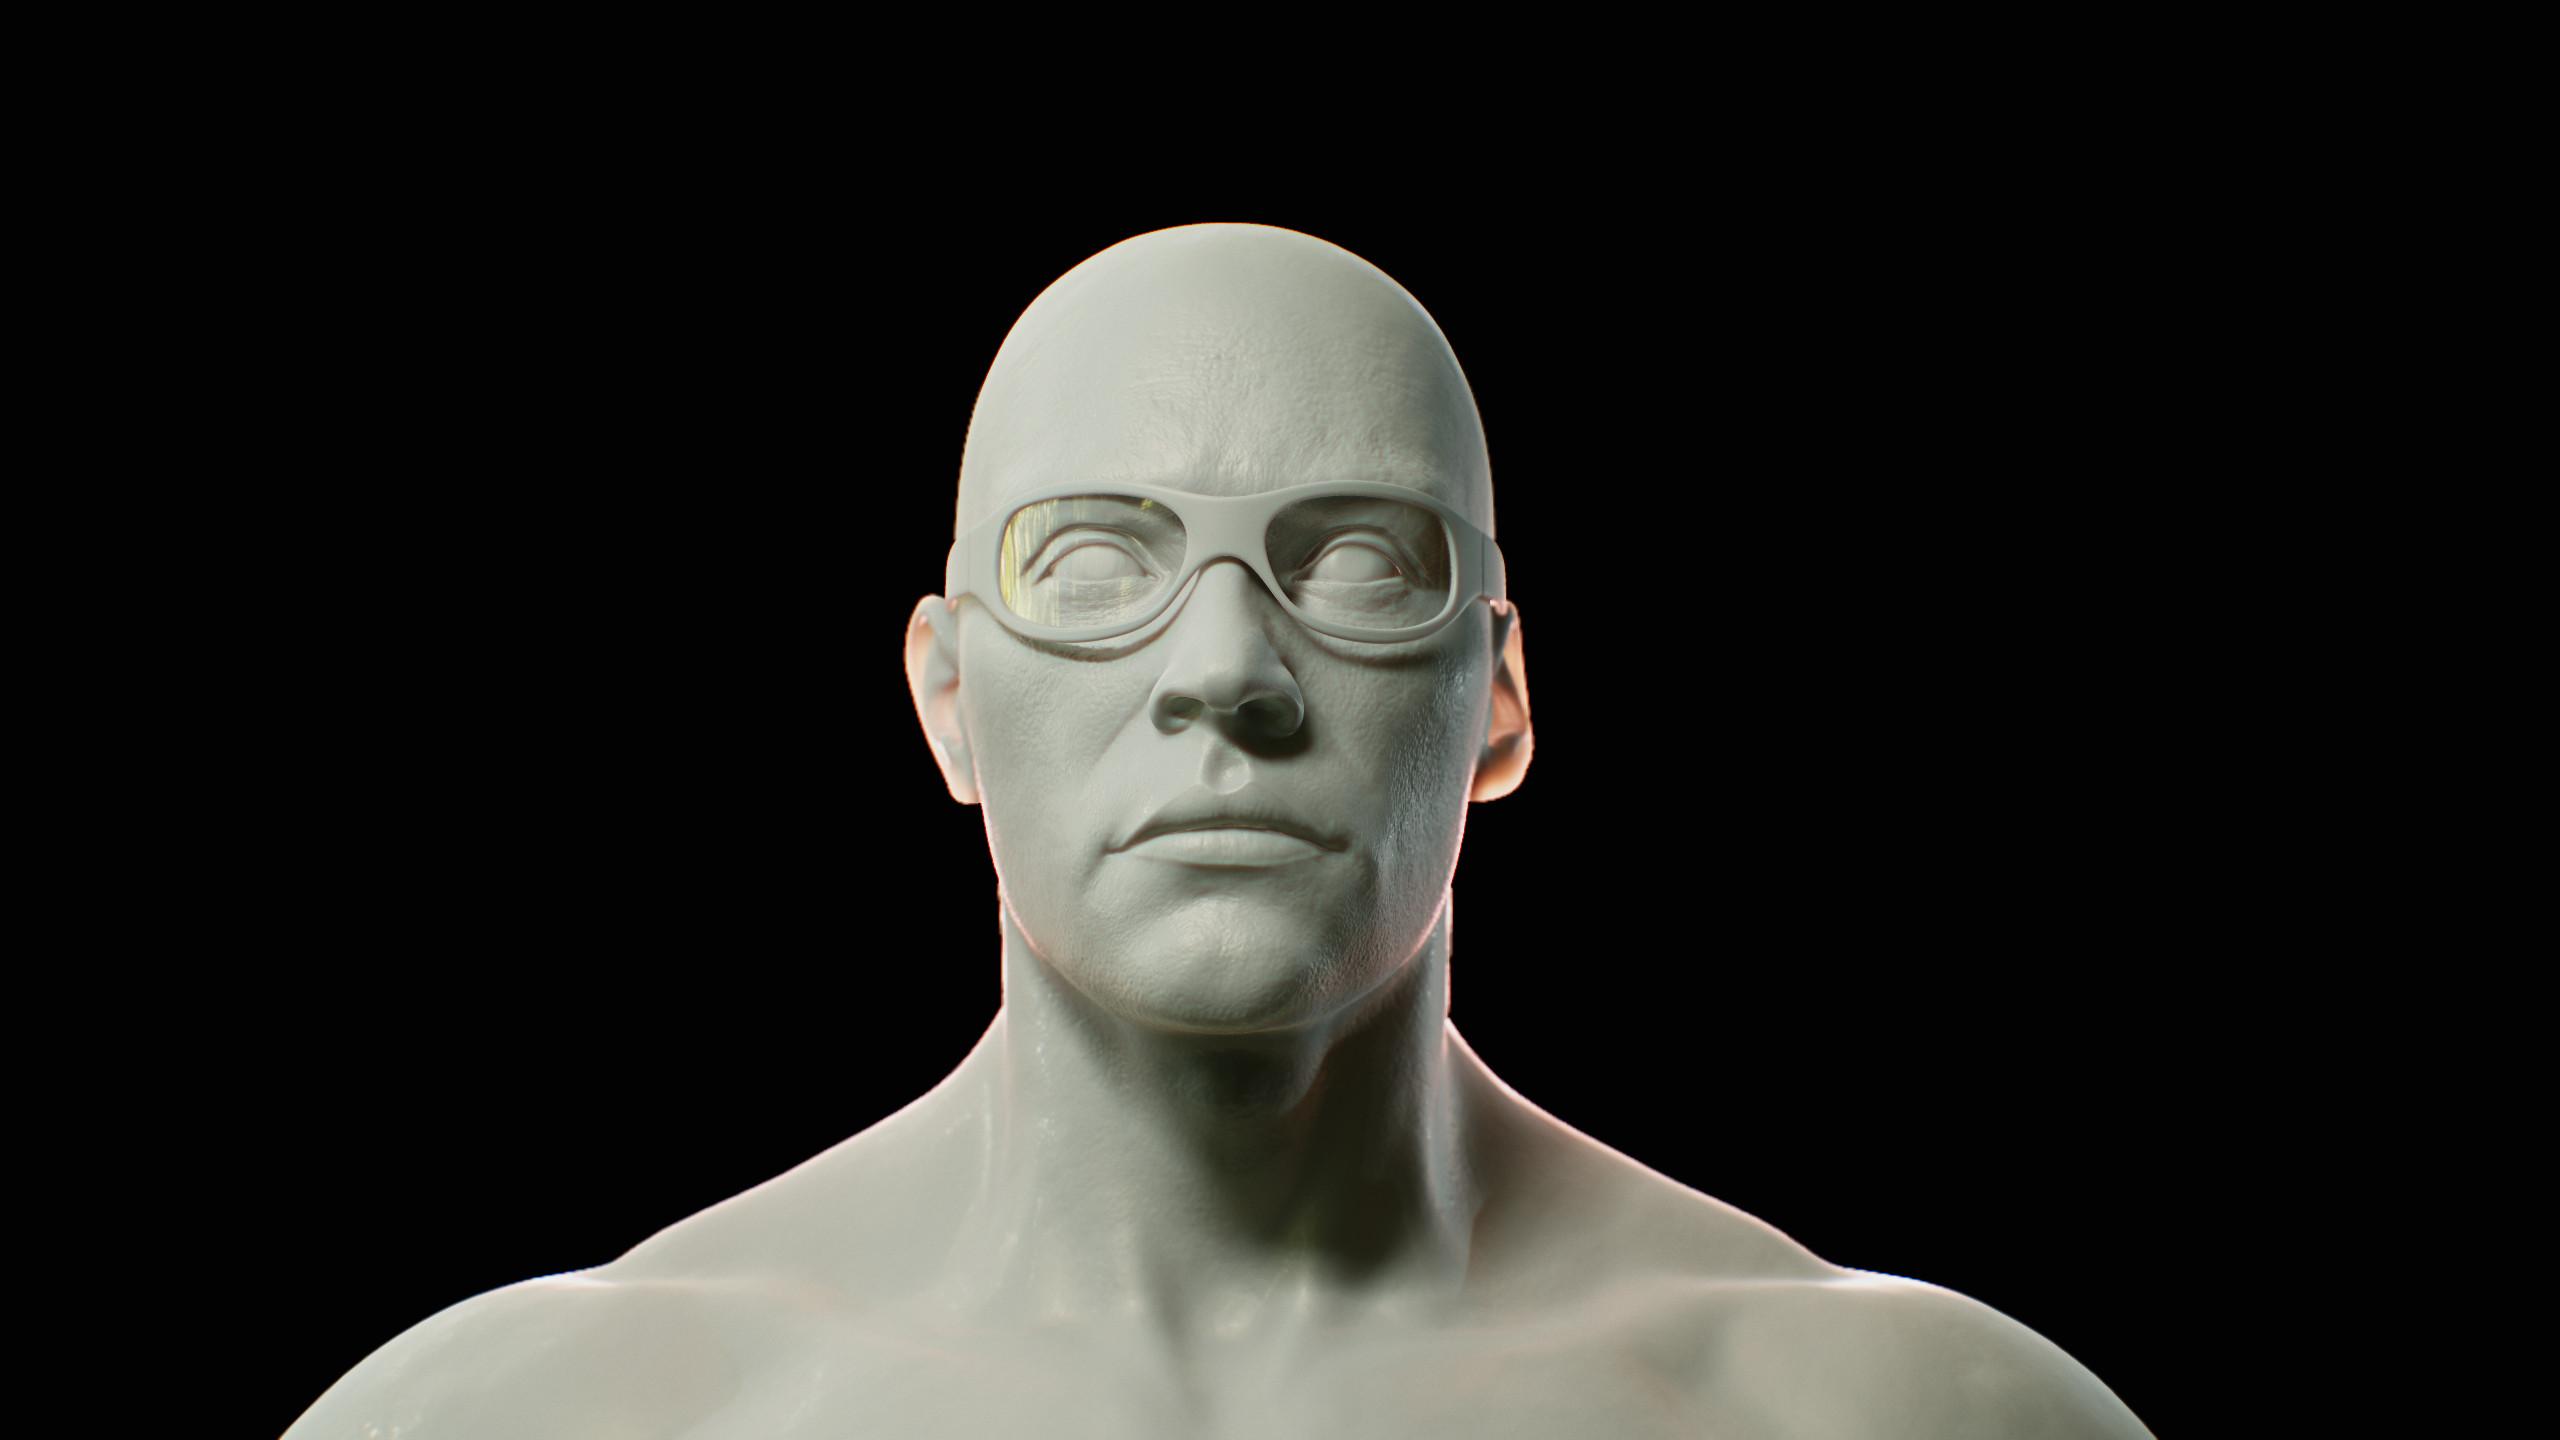 Agent Head Sculpt